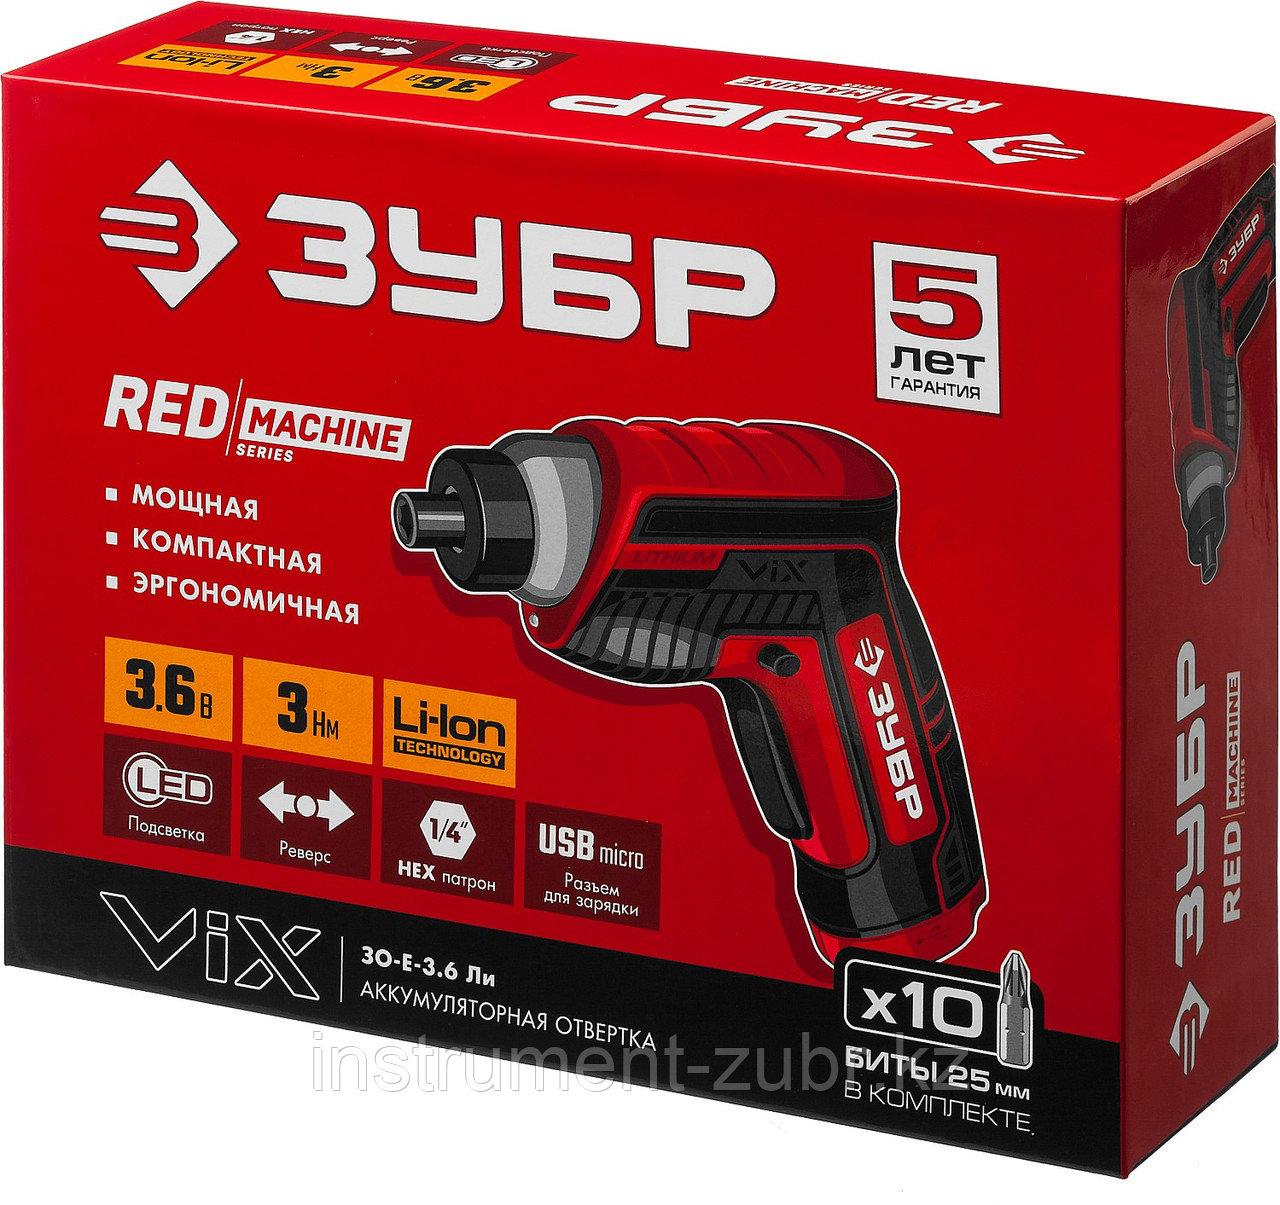 ЗУБР ViX отвертка аккумуляторная 3.6 В, в коробке с 10 битами - фото 7